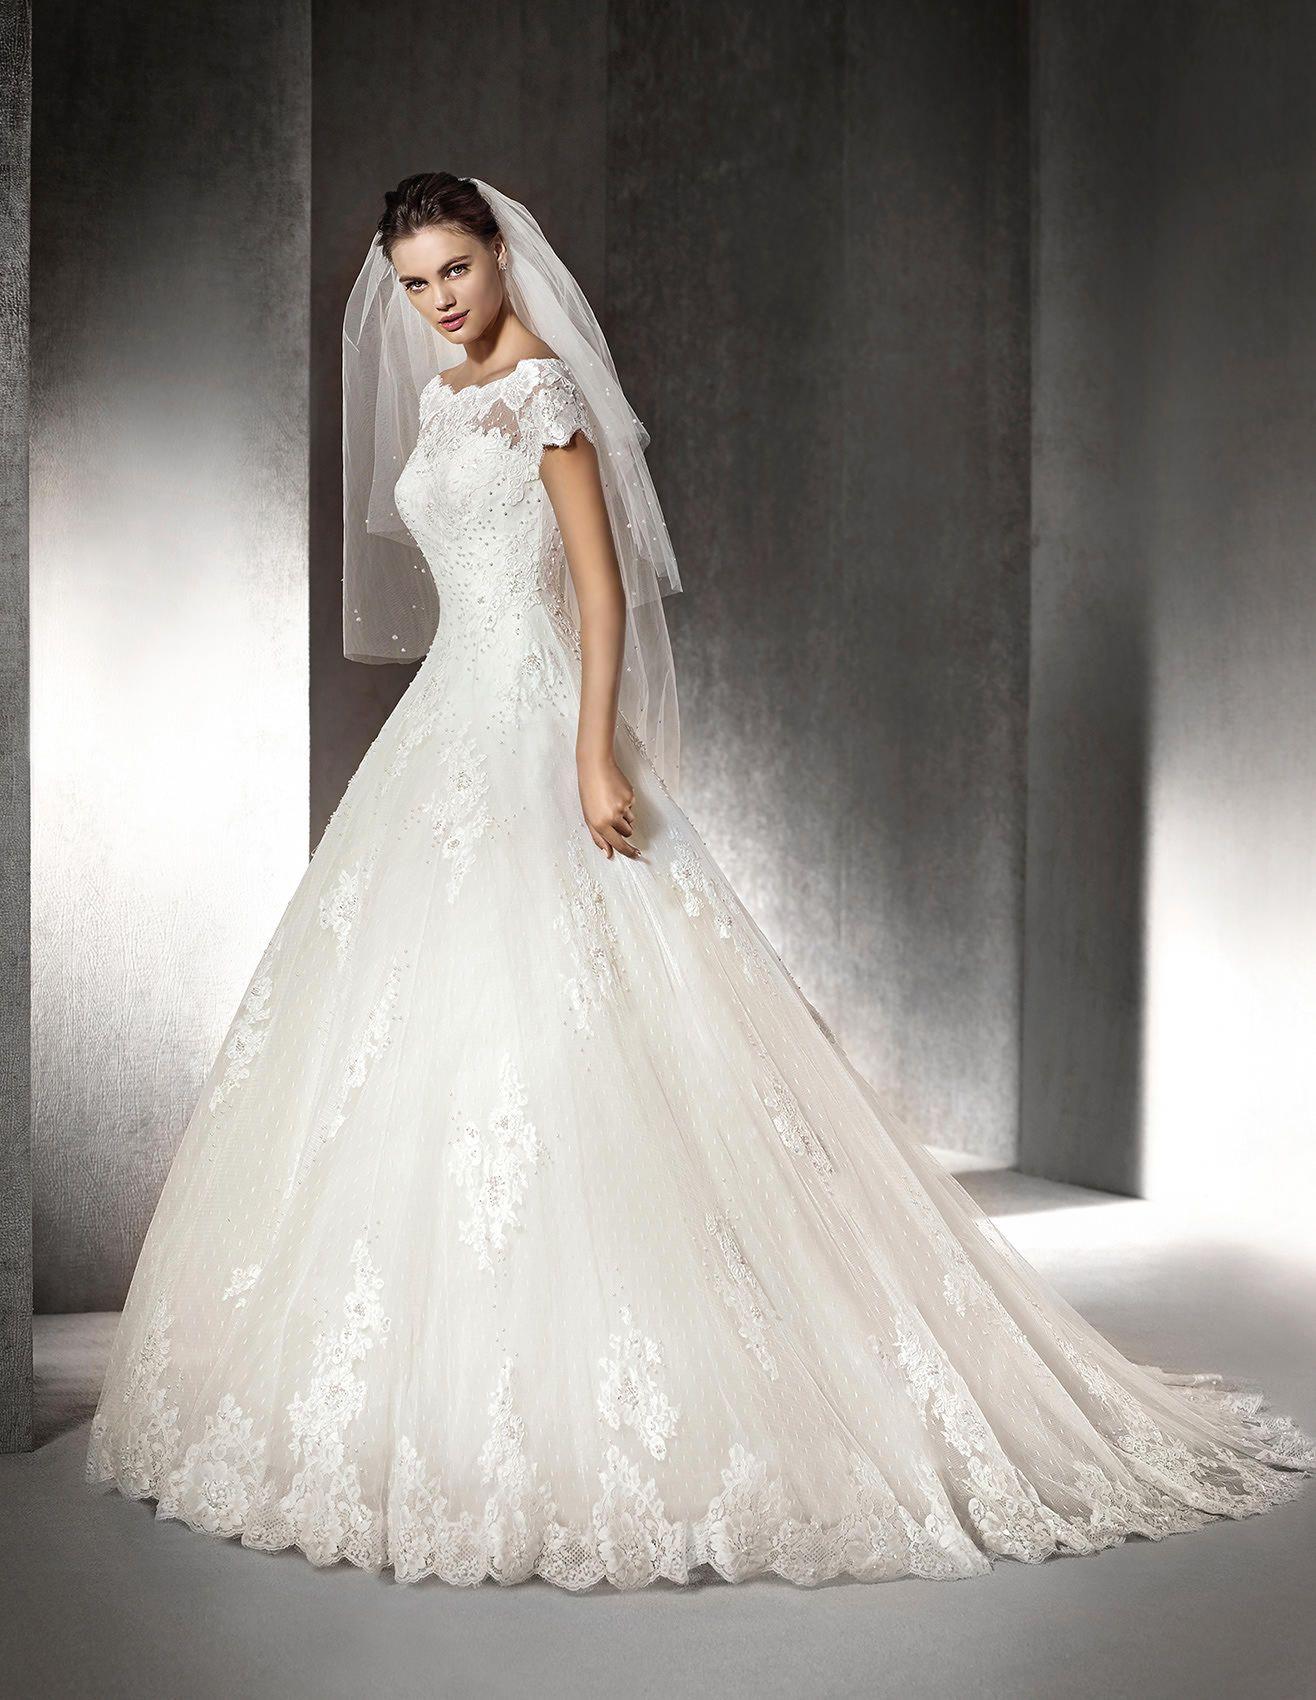 SOPHIE - Brautkleid im Prinzessin-Stil mit U-Boot-Ausschnitt | St ...